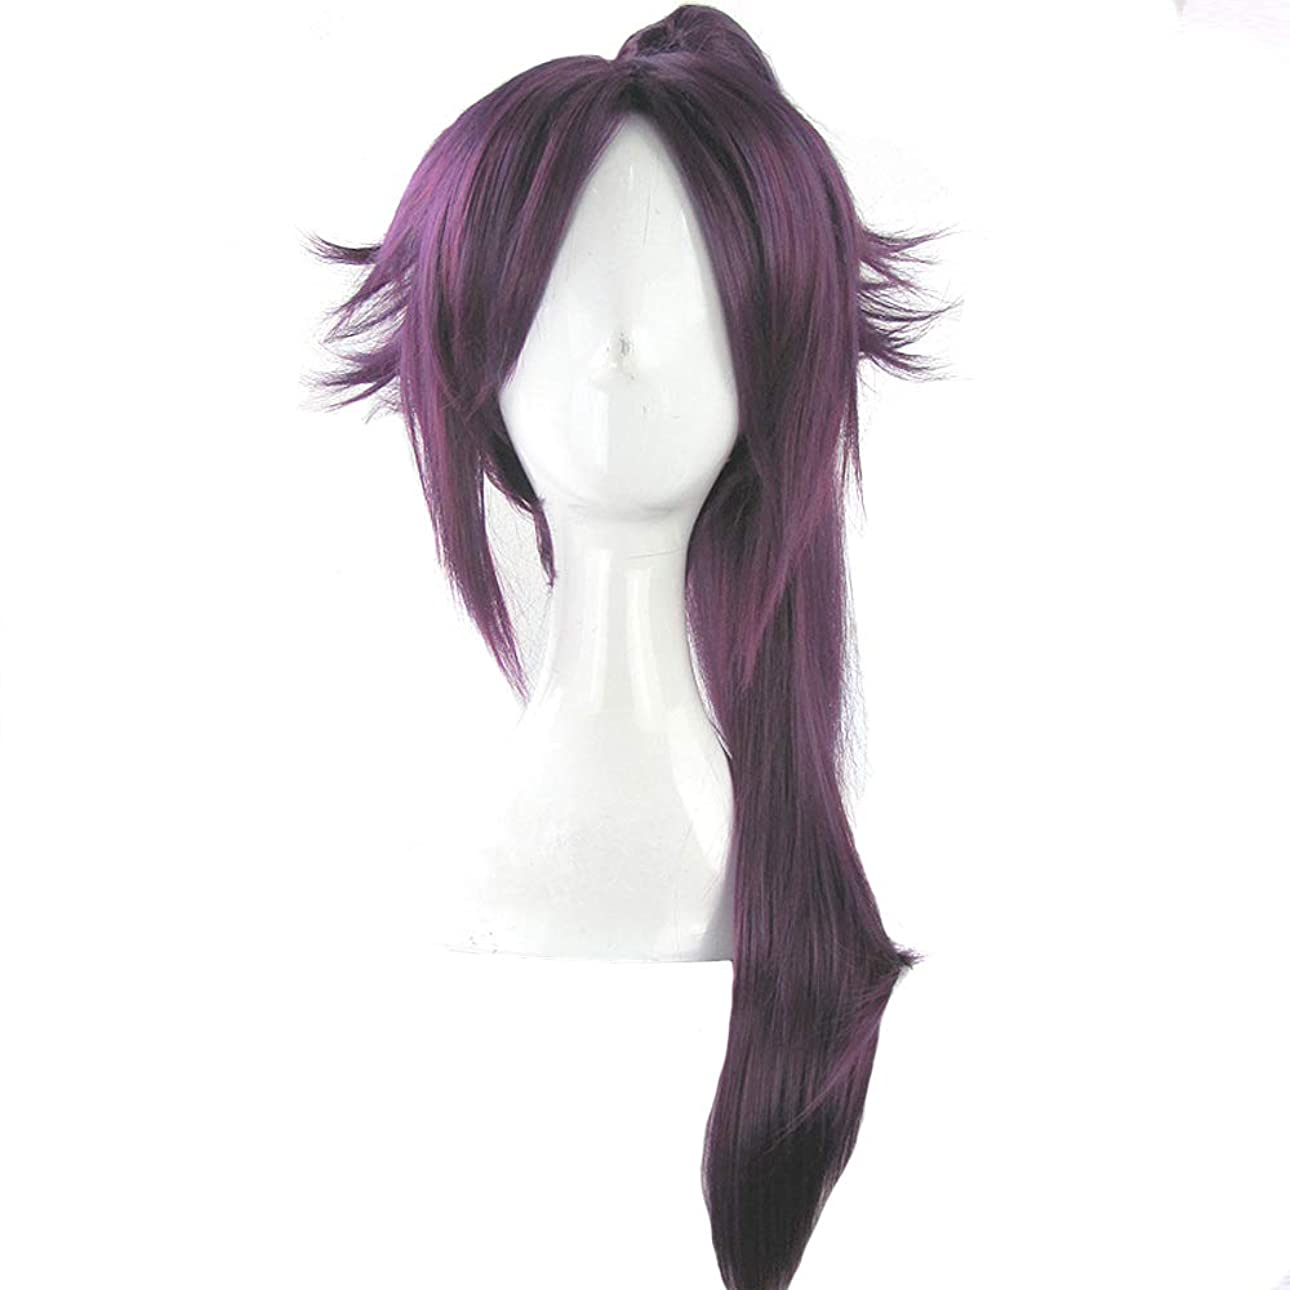 アリ知っているに立ち寄る天文学かつら - ファッション長いストレート高温シルクウィッグ自然な柔らかなパーソナリティポニーテールフリー形状ハロウィーンボールの役割を果たす70cmの紫色に適して (色 : Purple, サイズ さいず : 70cm)